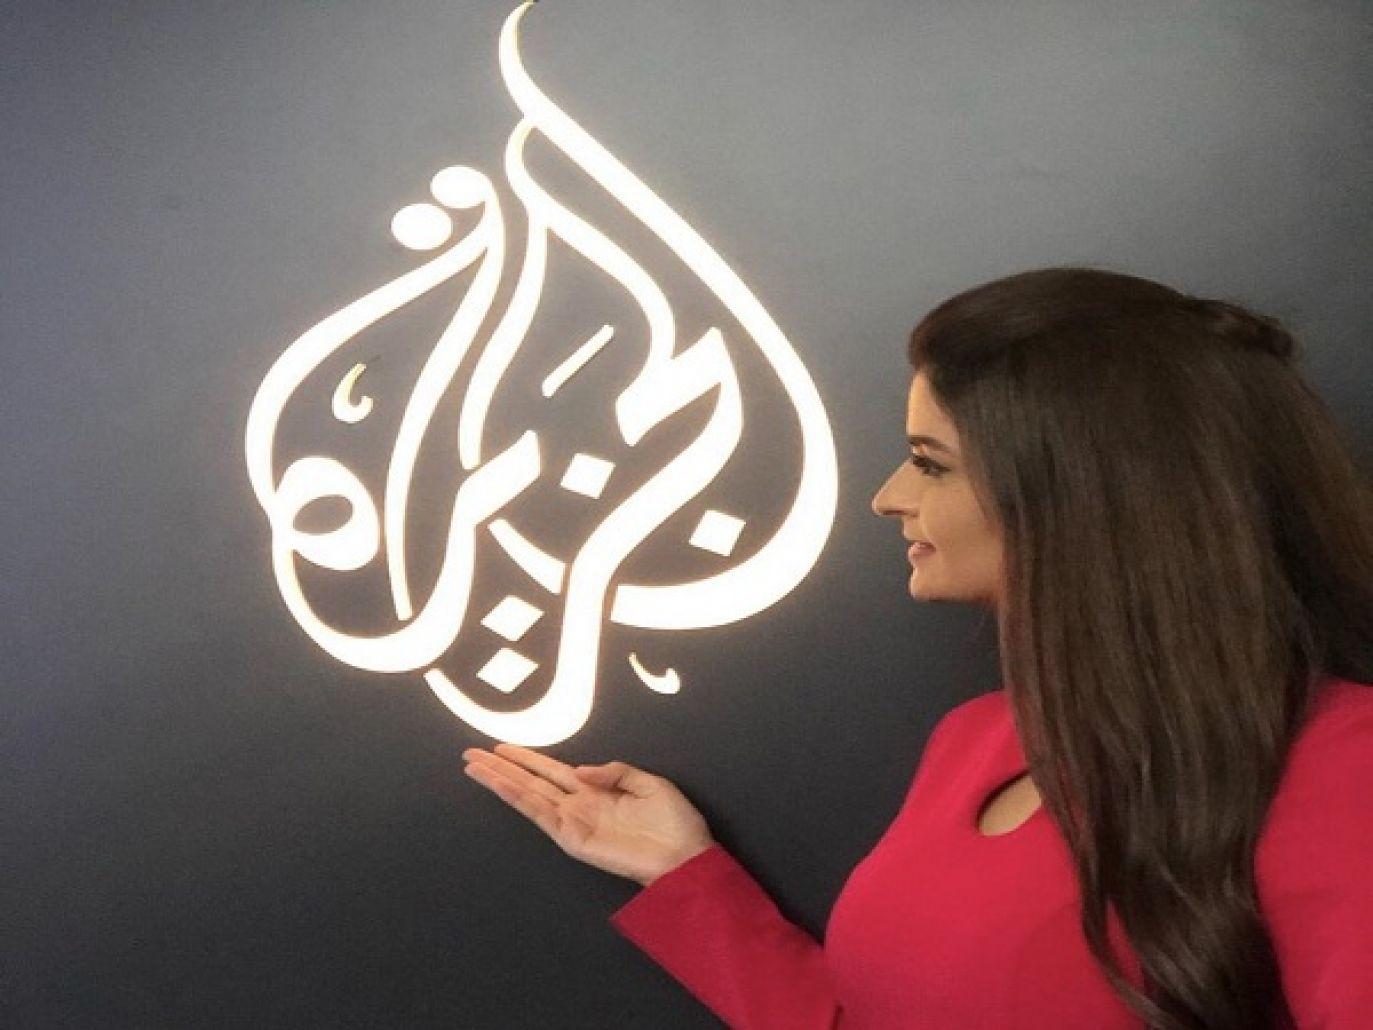 قناة الجزيرة تنهي عقد عمل علا الفارس.. شائعة مكررة تلقى رواجا فمن يقف ورائها؟